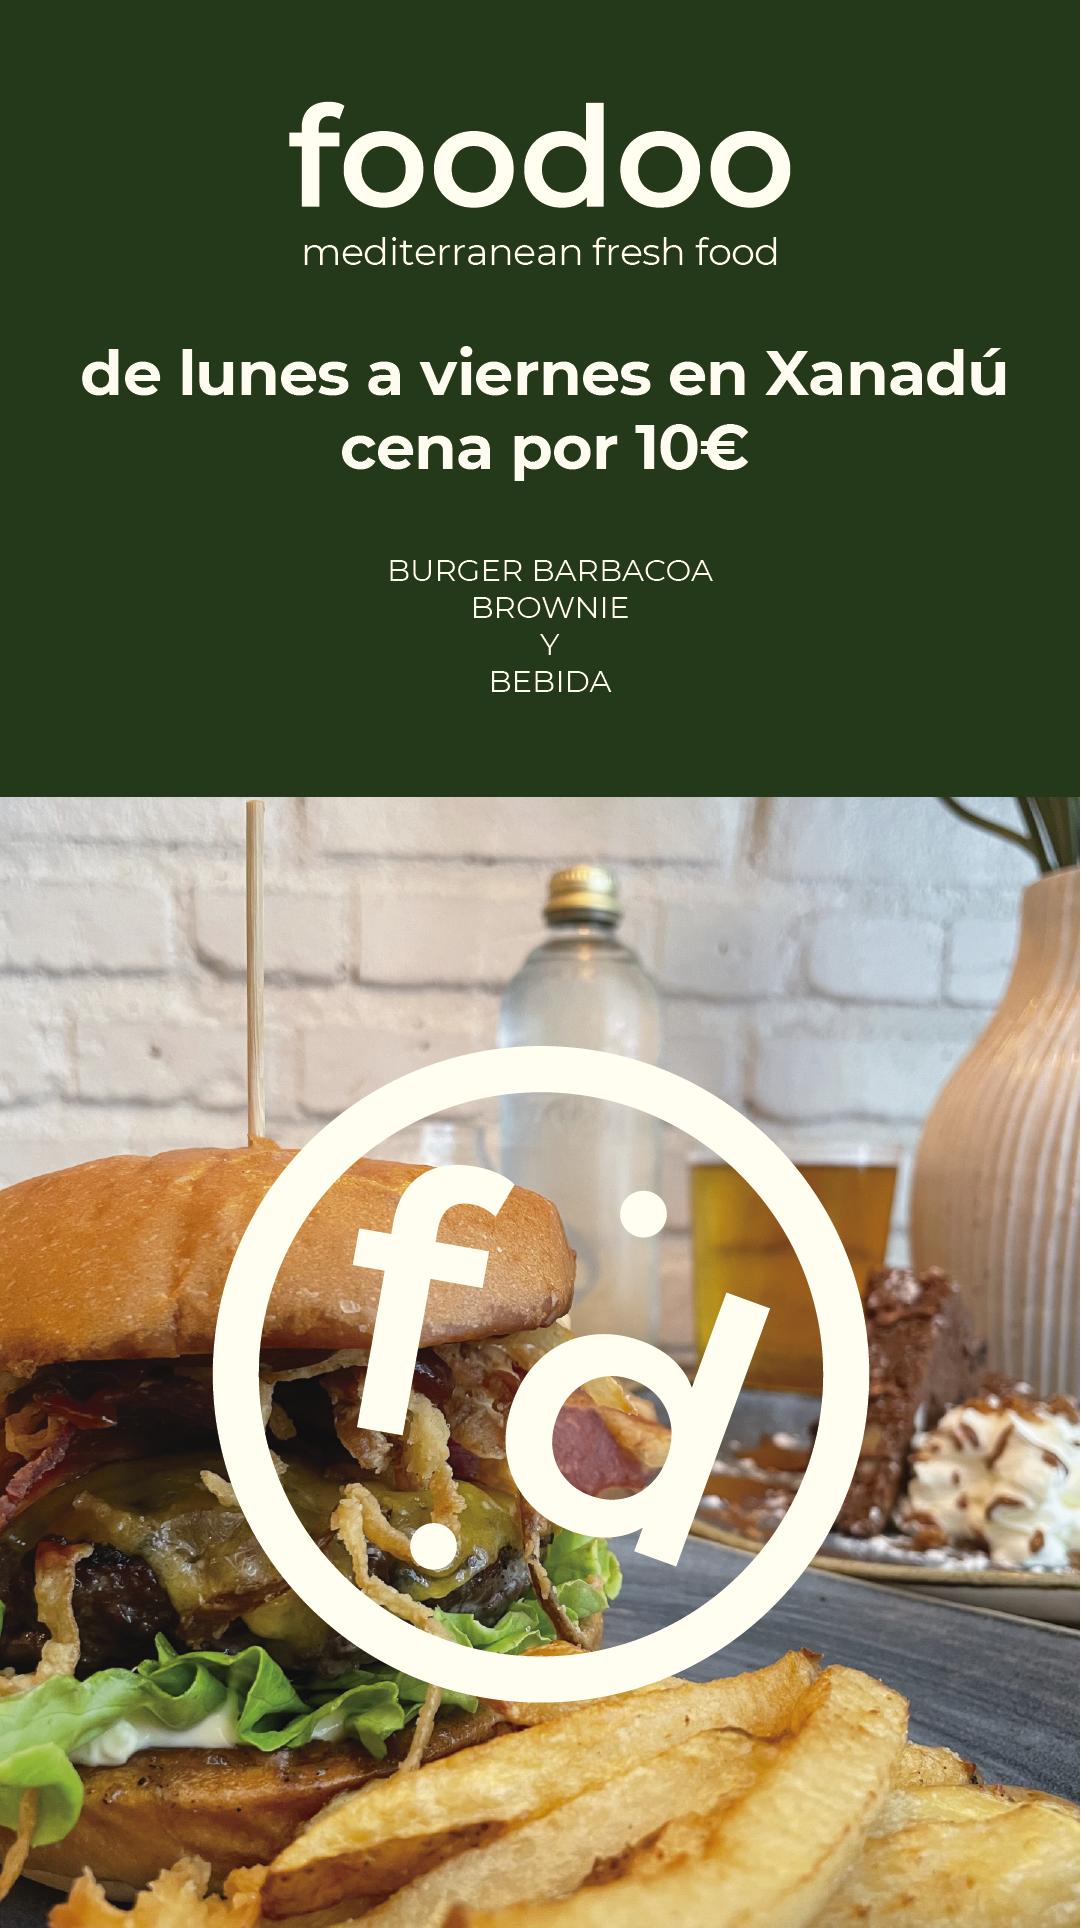 Foodoo Xanadú promoción